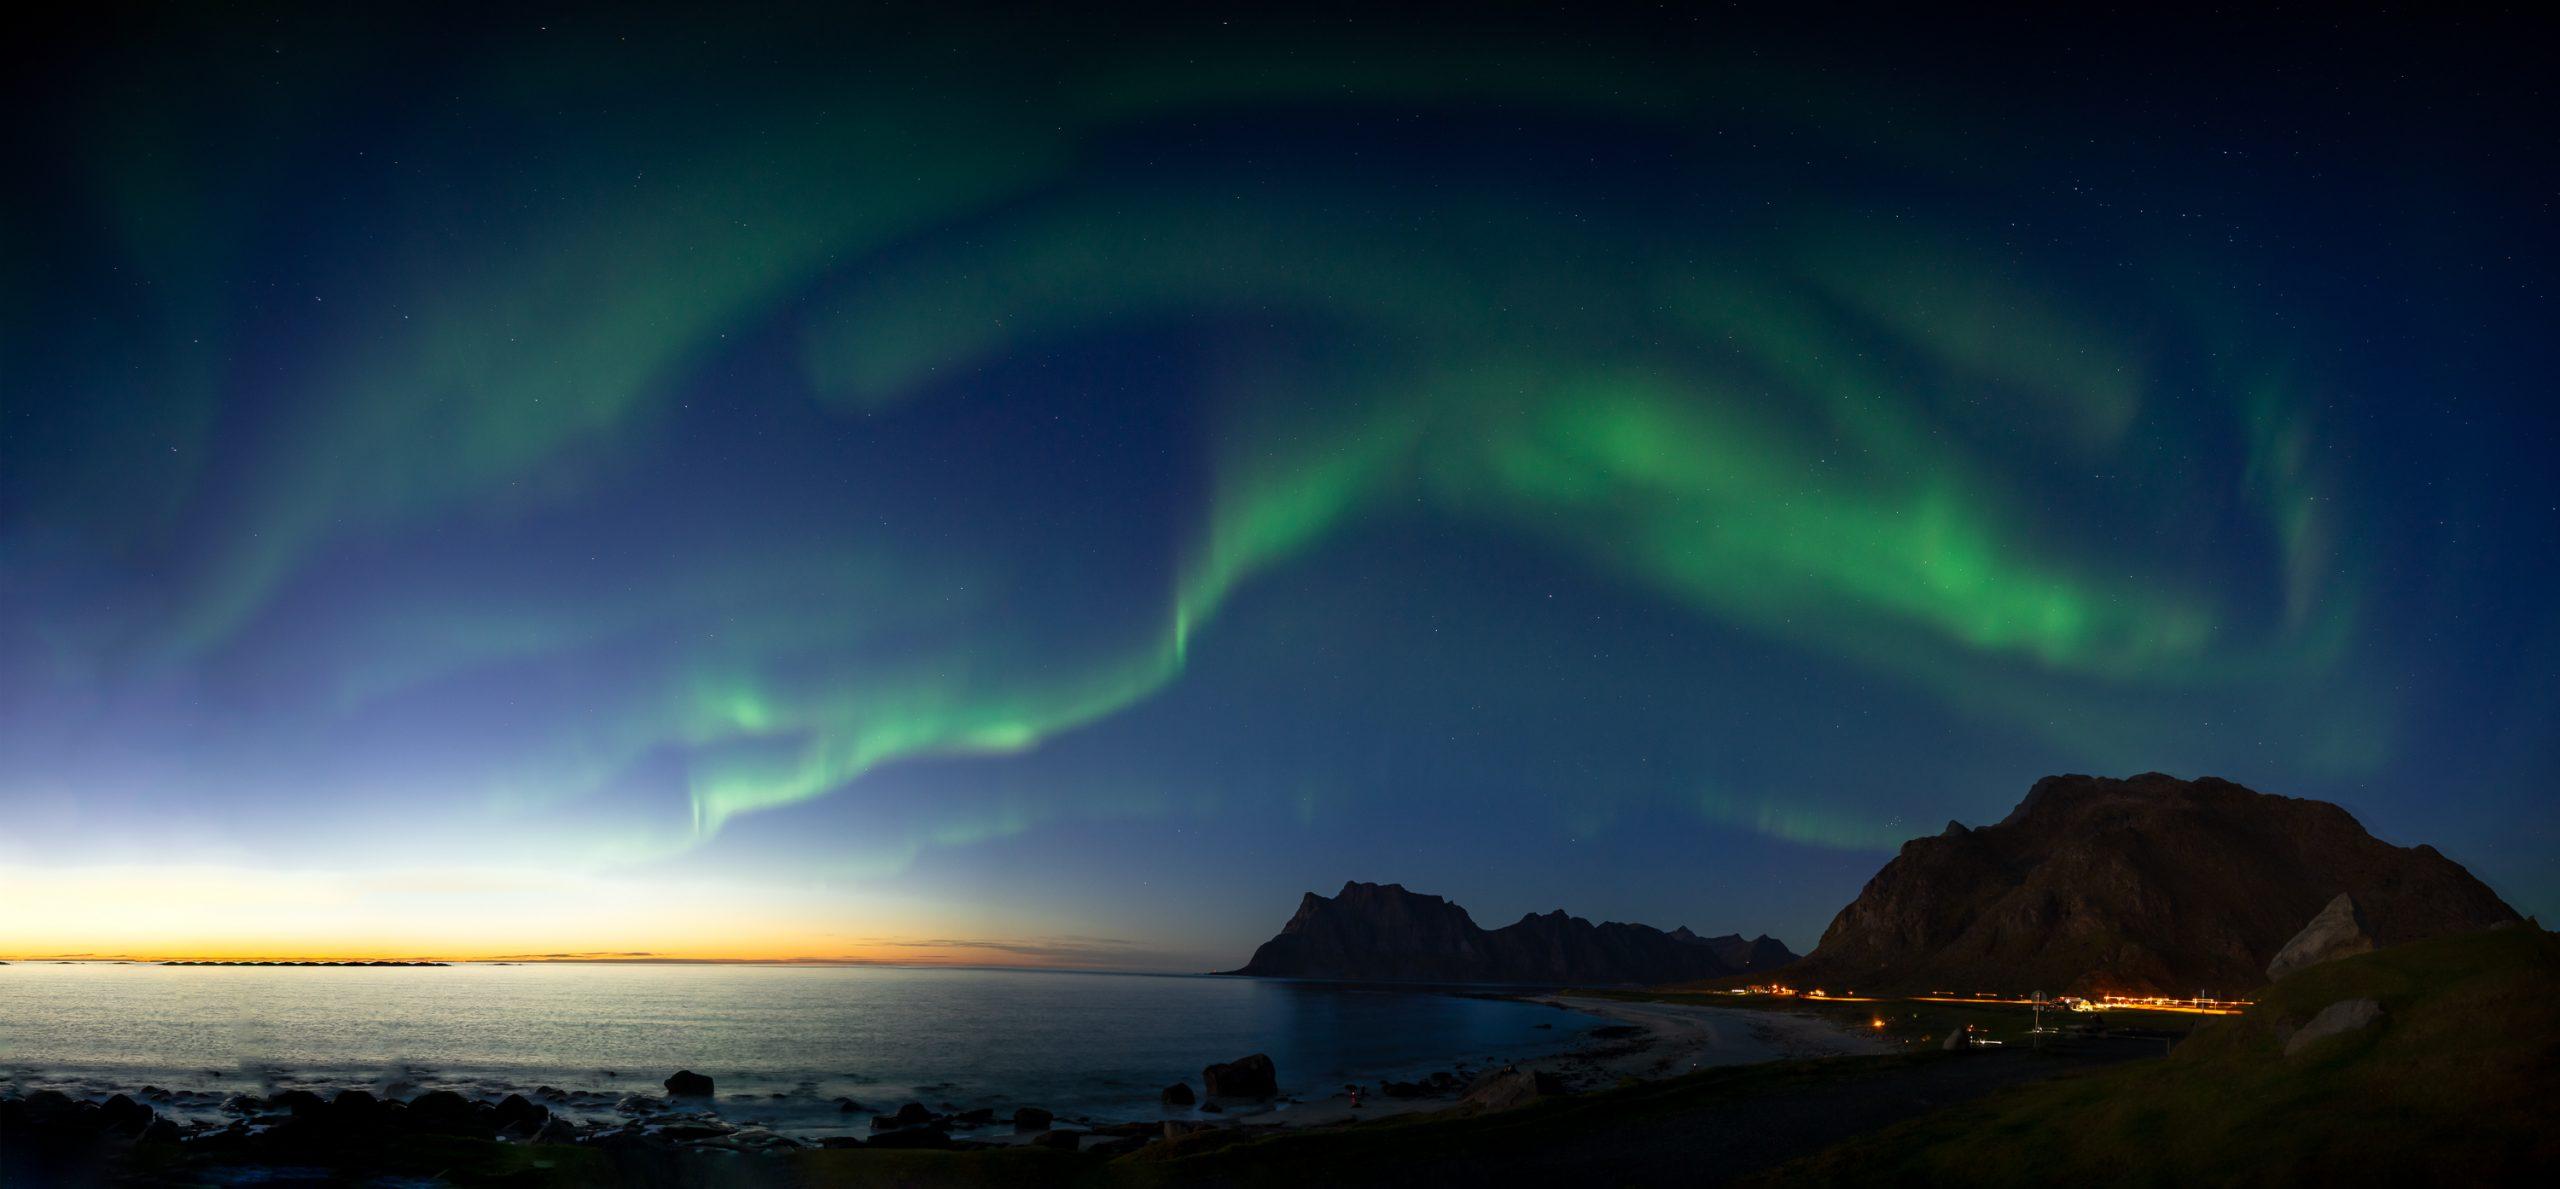 Wie kannst du die fantastischen Polarlichter fotografieren?